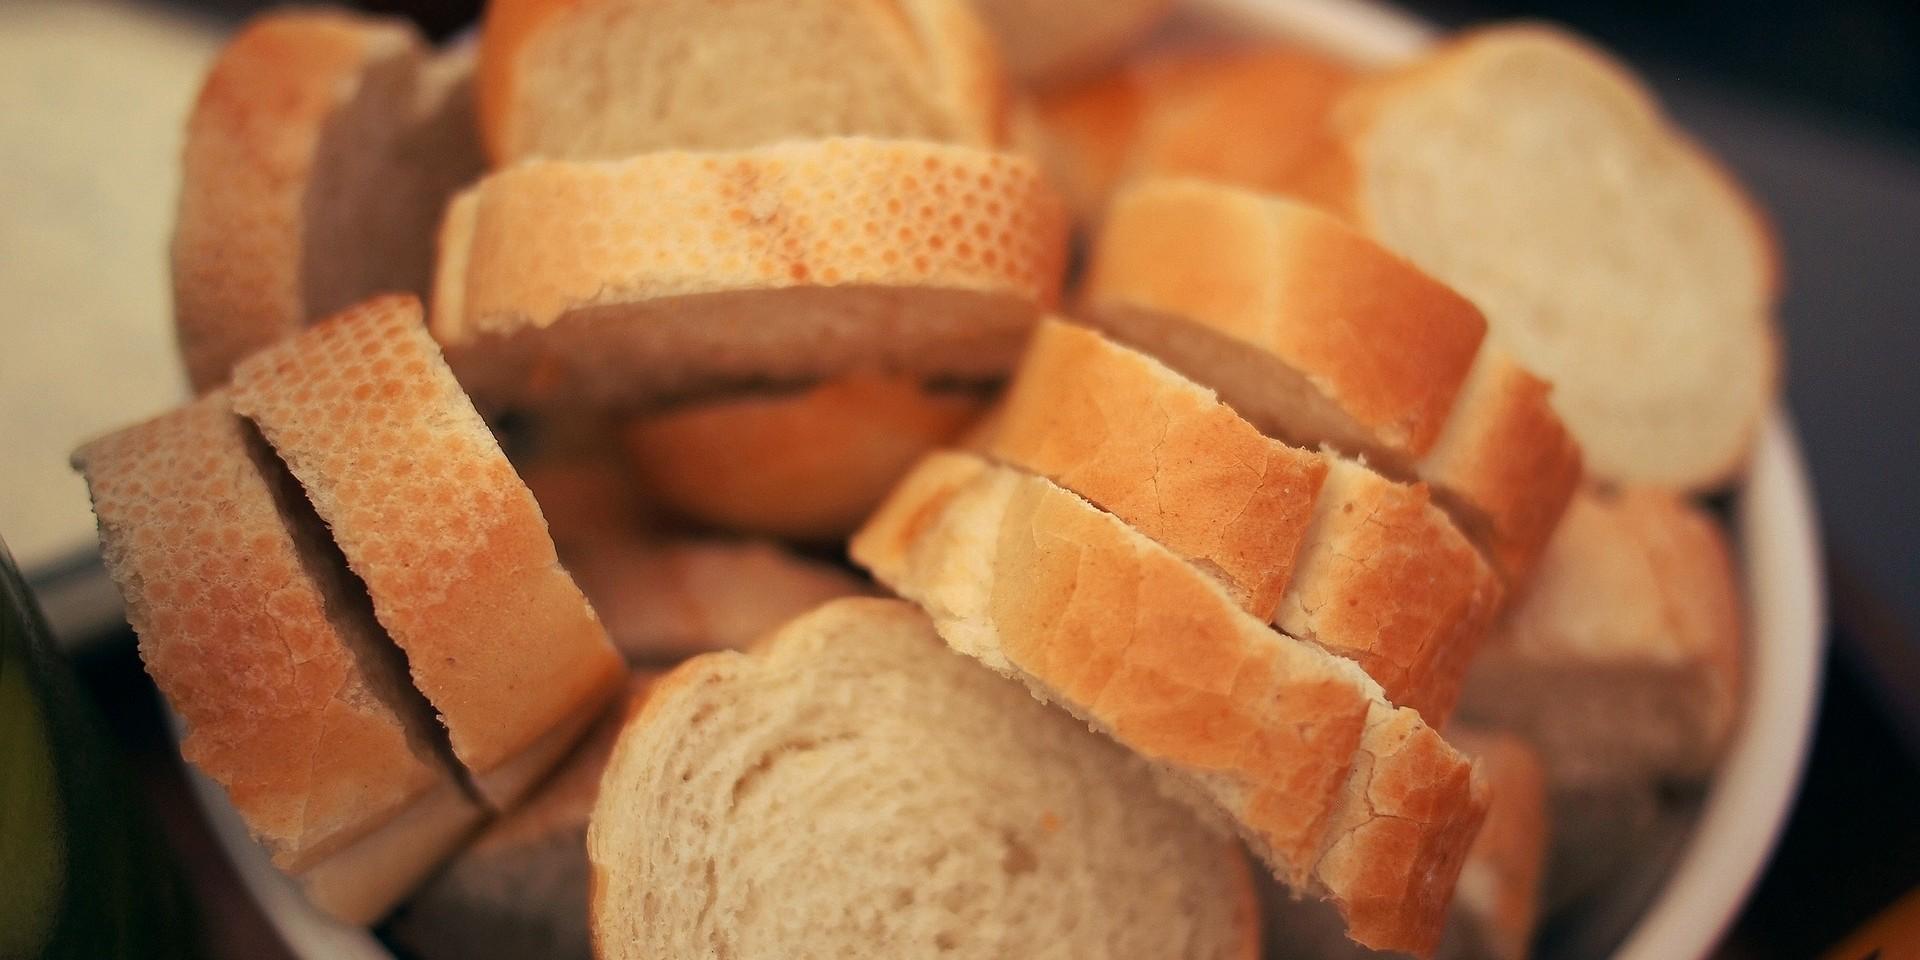 Ako je plijesan zahvatila samo dio kruha, svejedno bacite cijeli